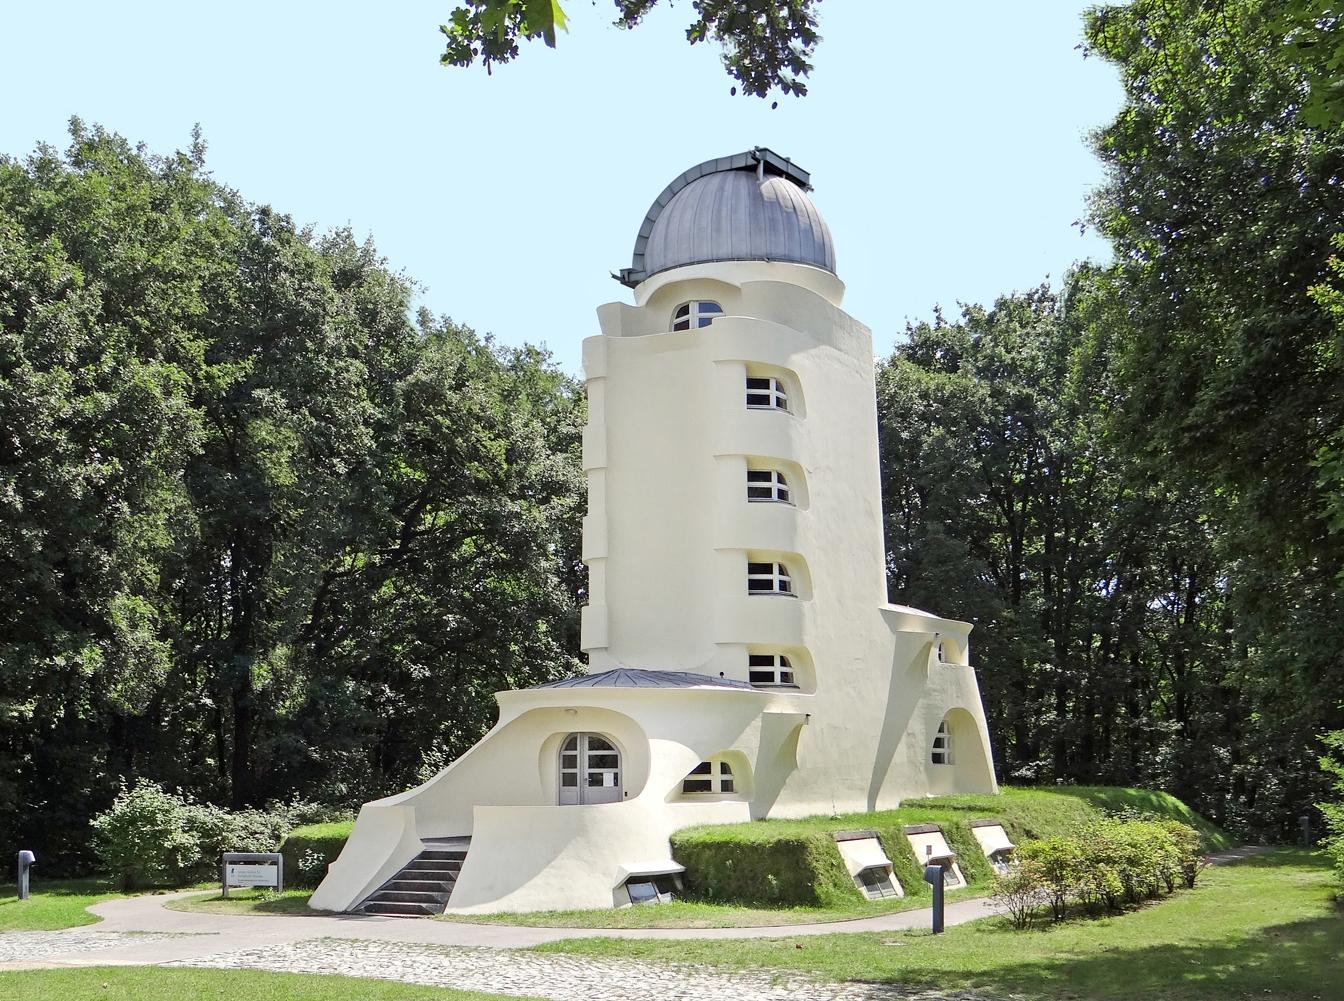 Giardini Per Case Moderne file:la tour einstein (potsdam, allemagne) (9616566364)